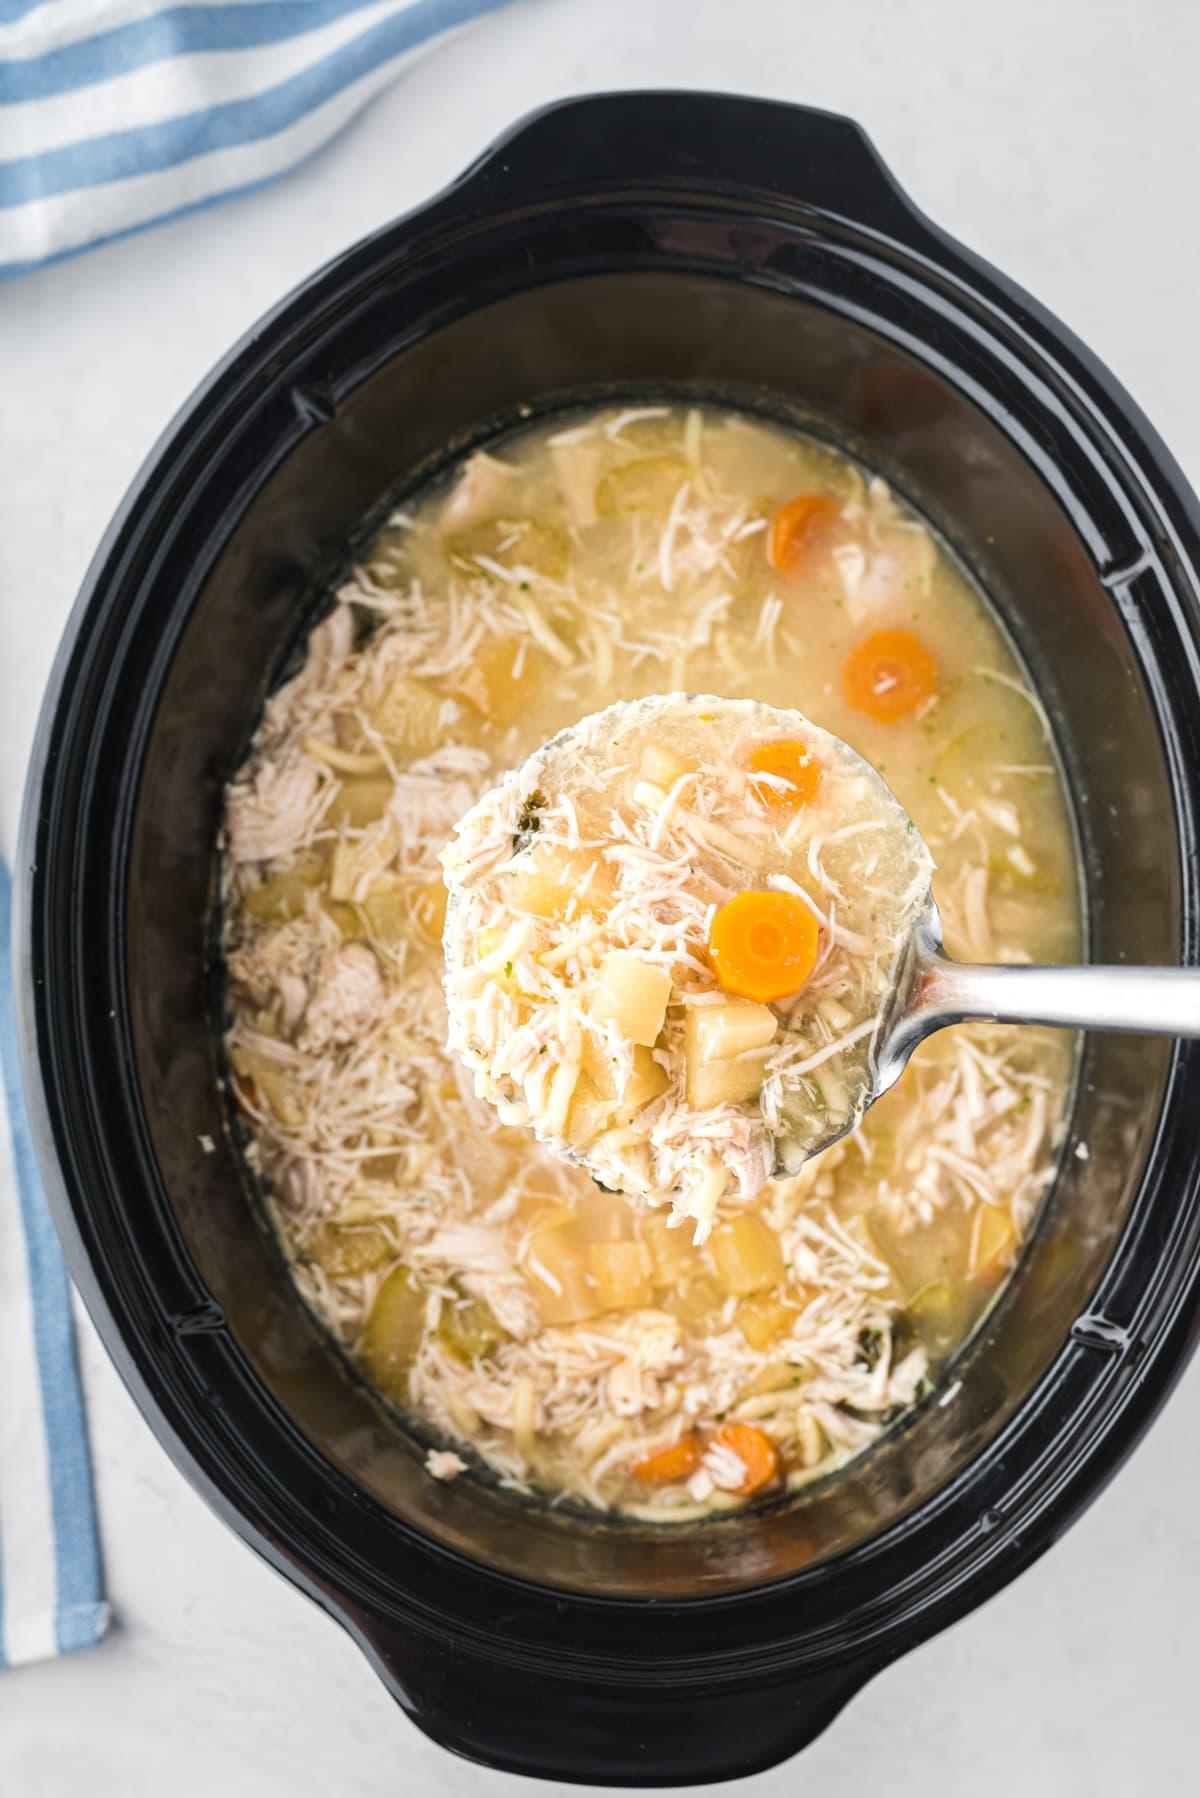 Un cucharón que saca un poco de sopa de la olla de barro.